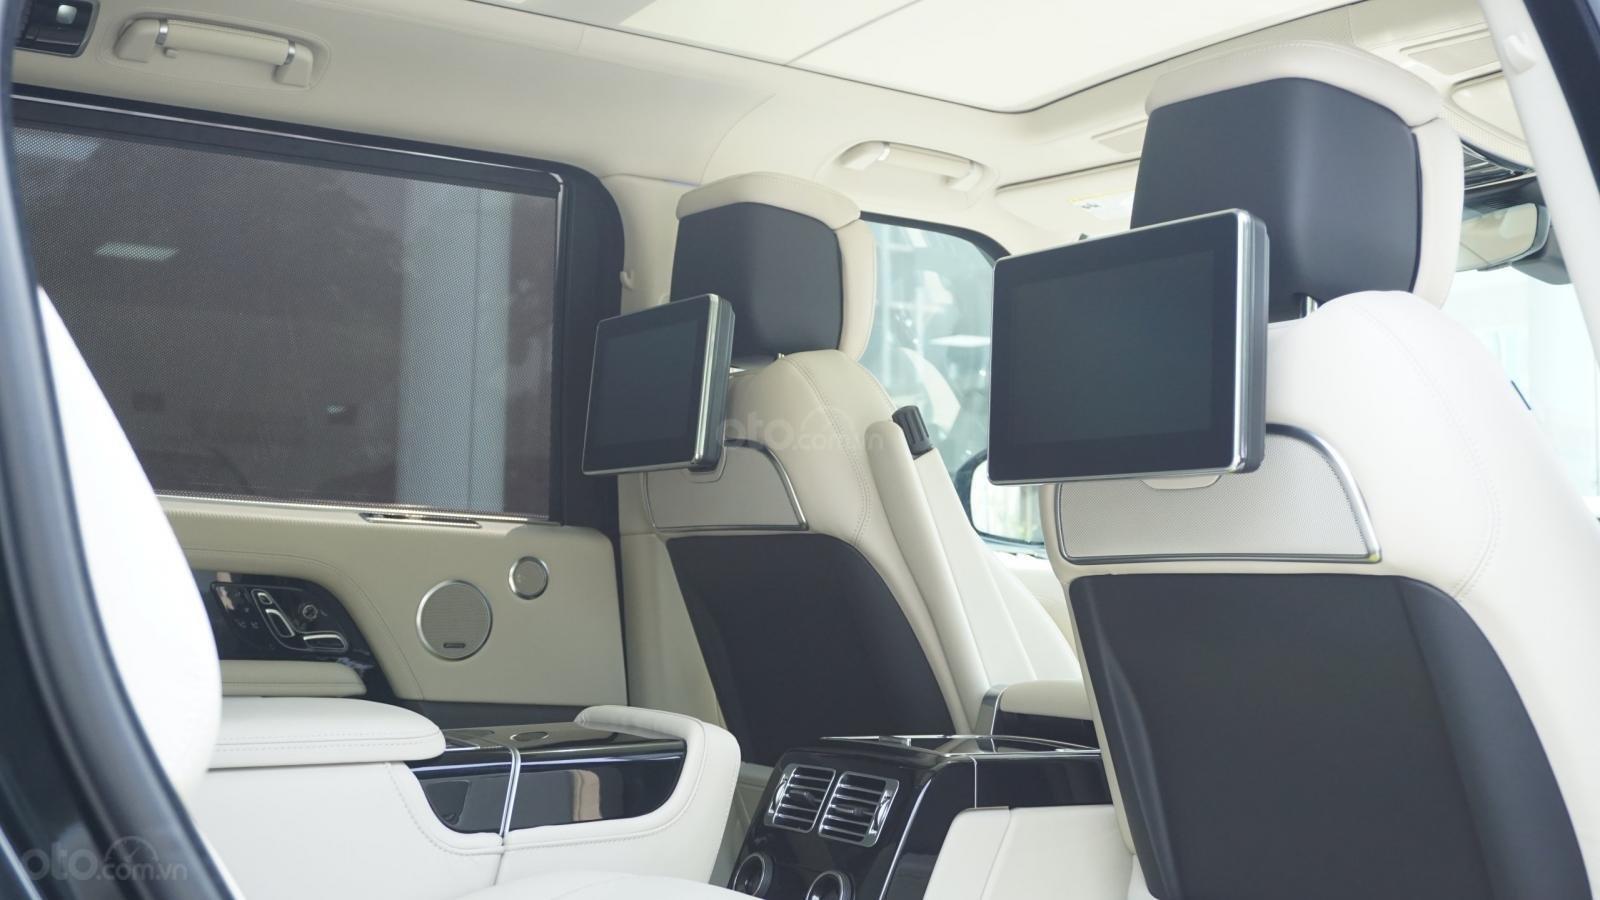 Range Rover Autobiography LWB 2020, Hồ Chí Minh, giá tốt giao xe ngay toàn quốc, LH trực tiếp 0844.177.222 (11)